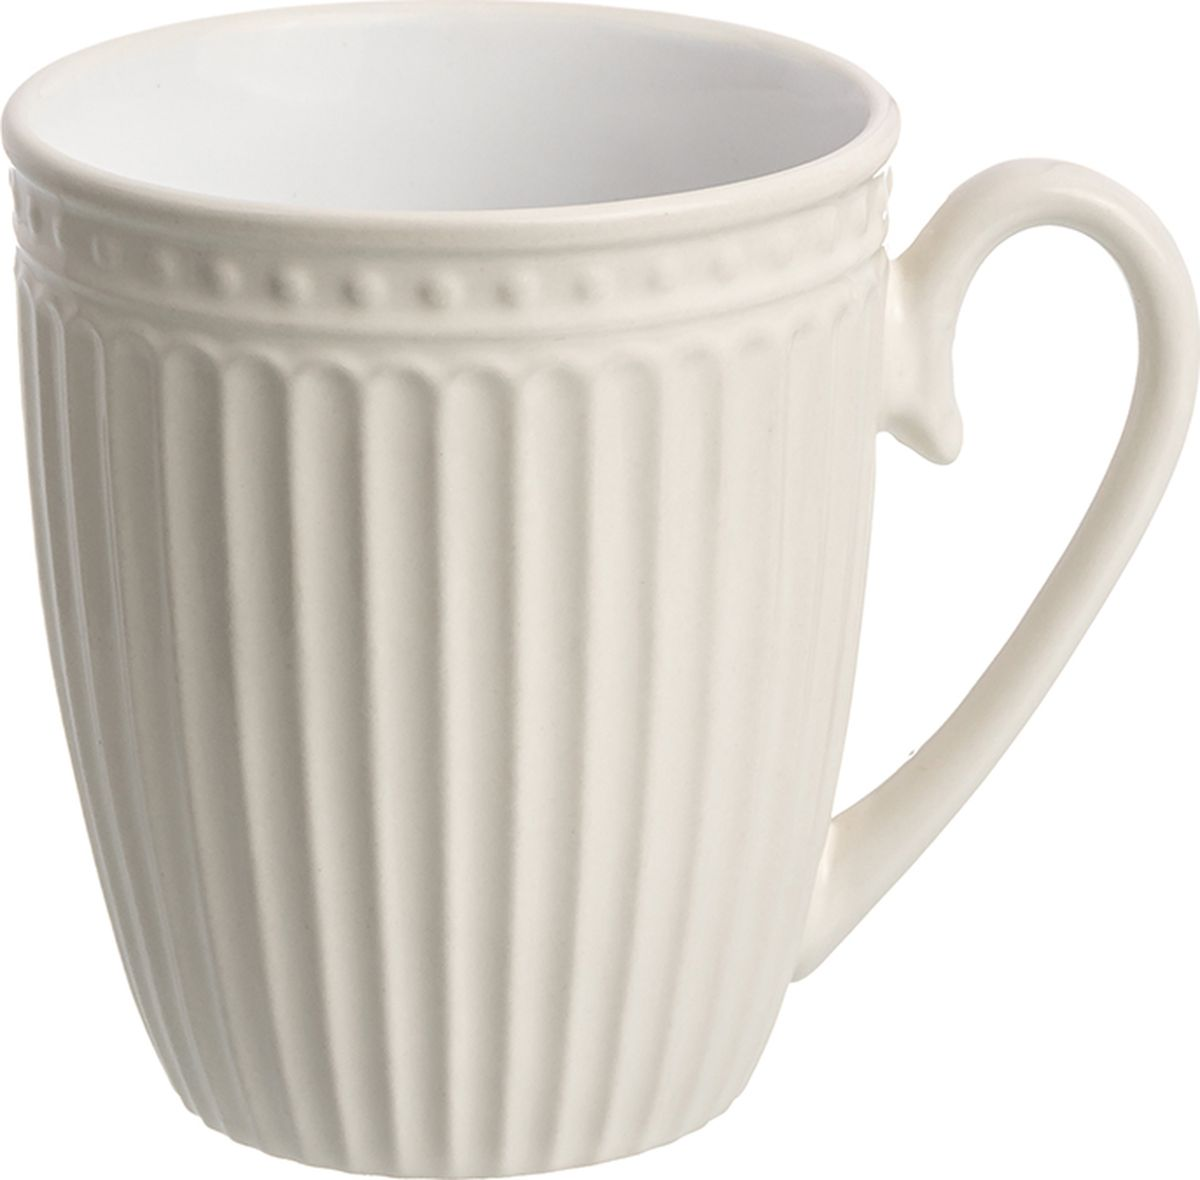 Кружка Elan Gallery Топленое молоко, ребристая, 330 мл кружка elan gallery пастель 330 мл топленое молоко